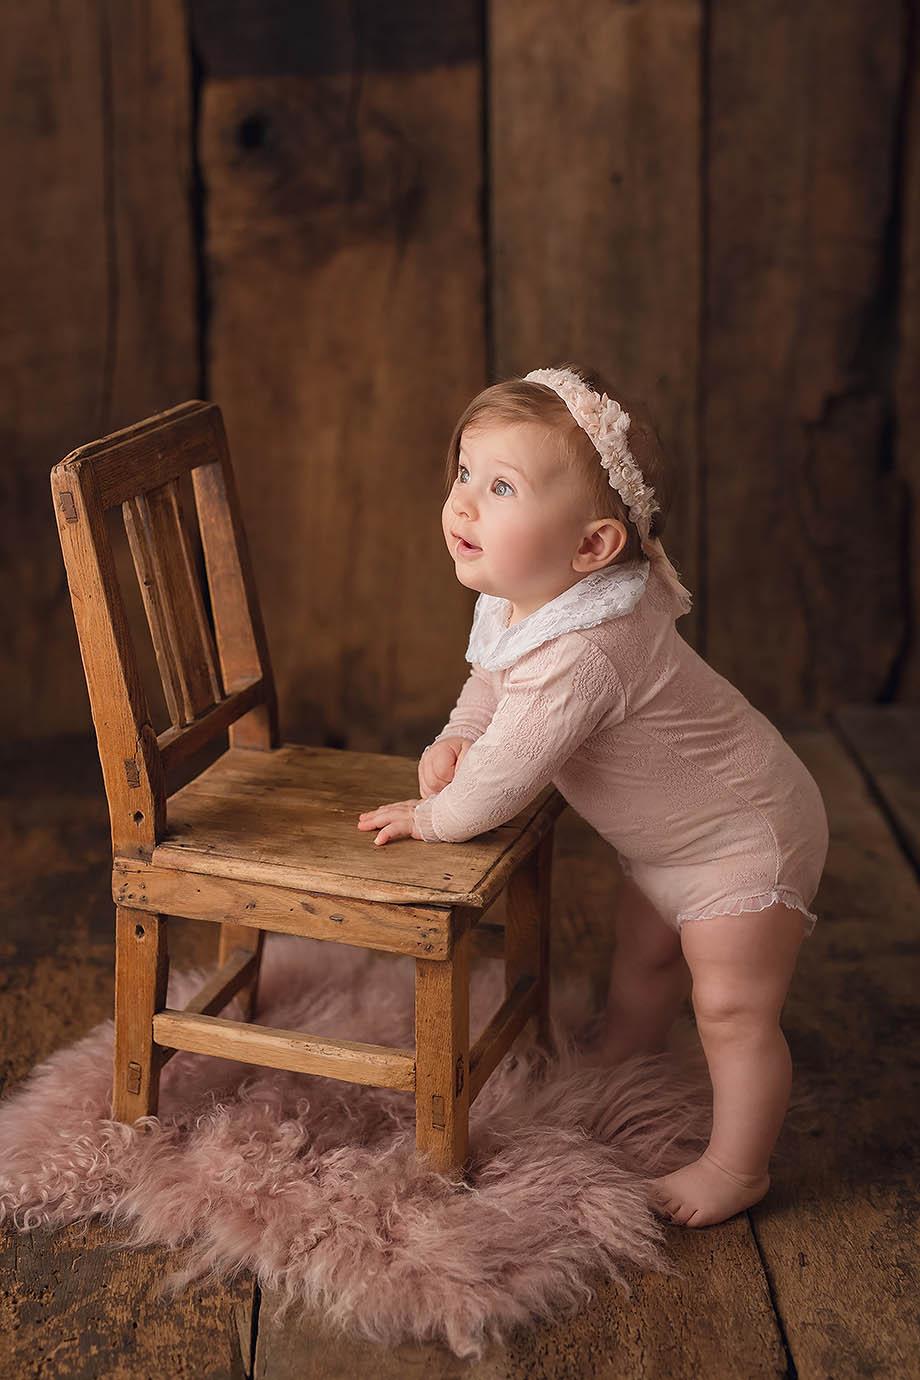 shooting-baby-kindershooting-nidda-giessen-maedchen-fotograf-nidda-giessen-frankfurt-hanau-friedberg-shooting-kindershooting-altrosa-zart